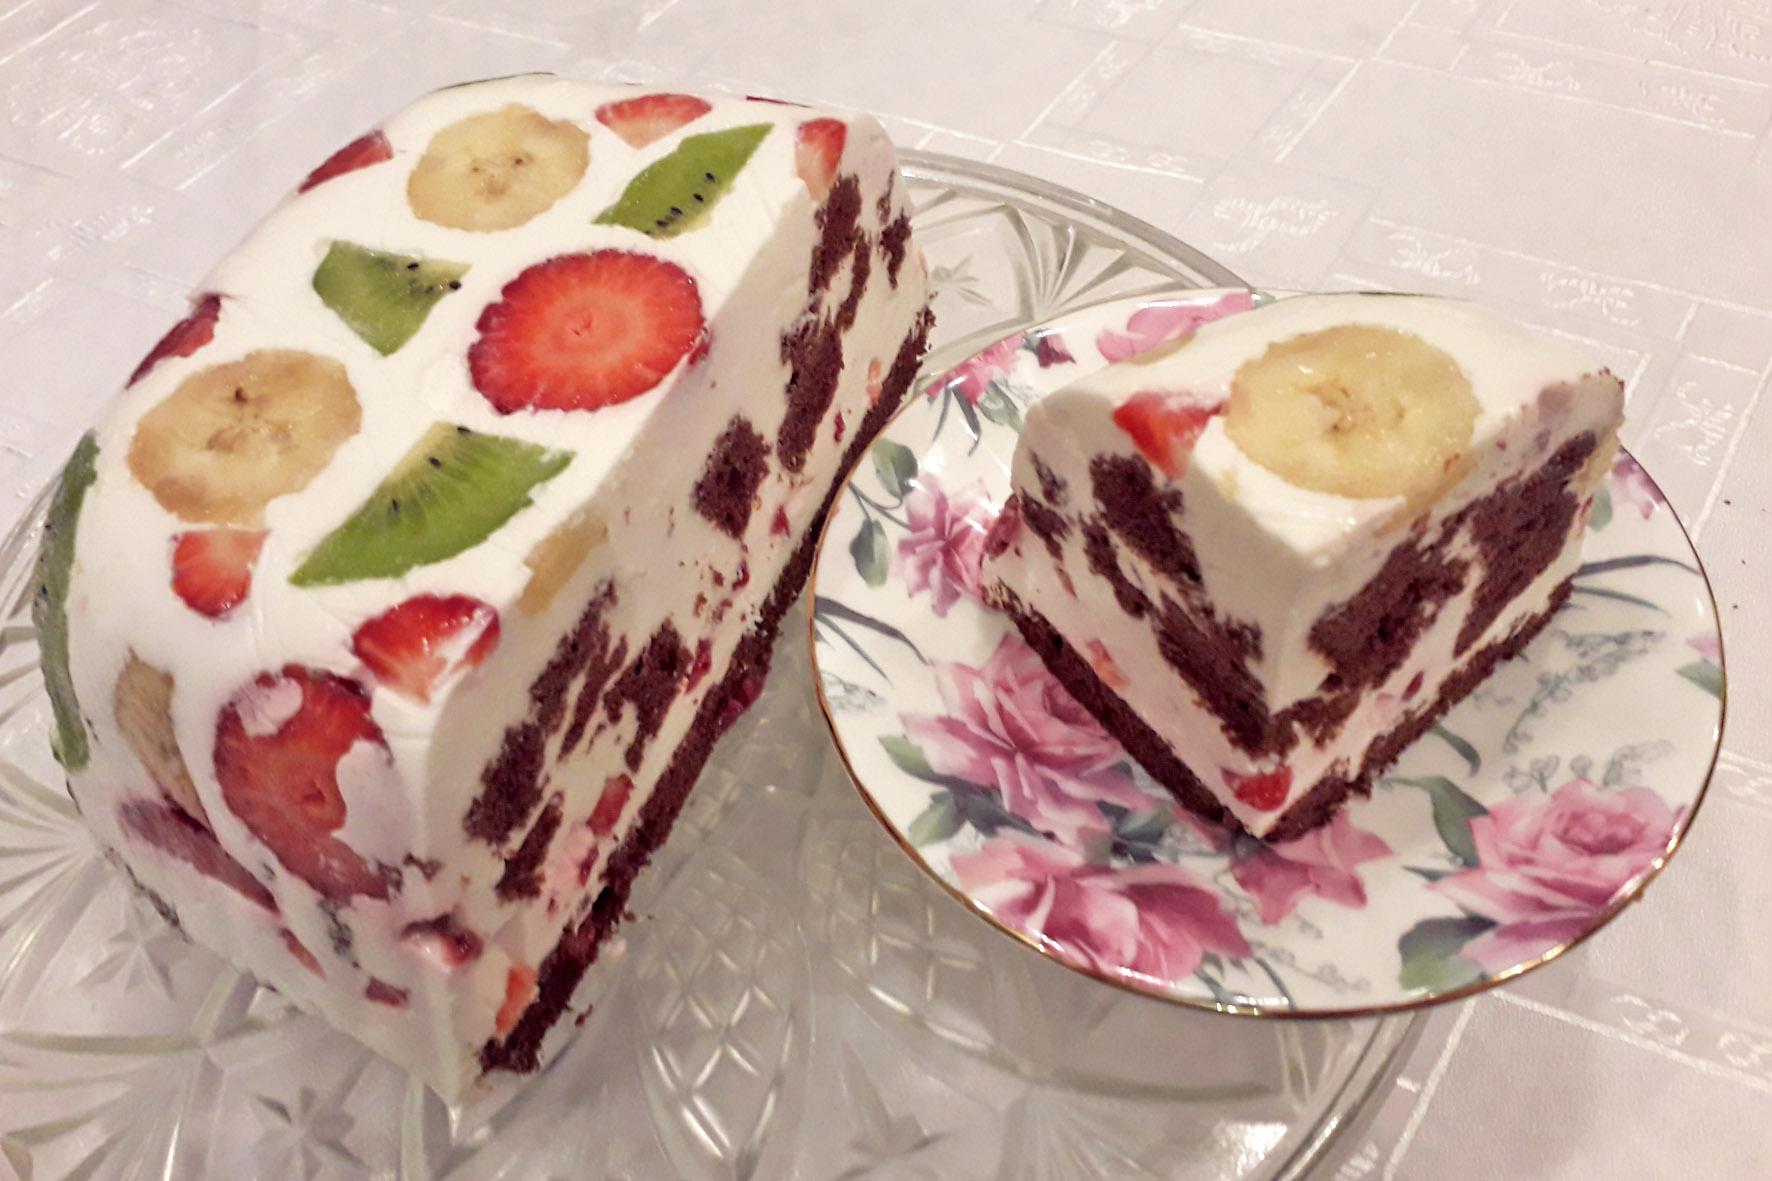 десертный торт в разрезе